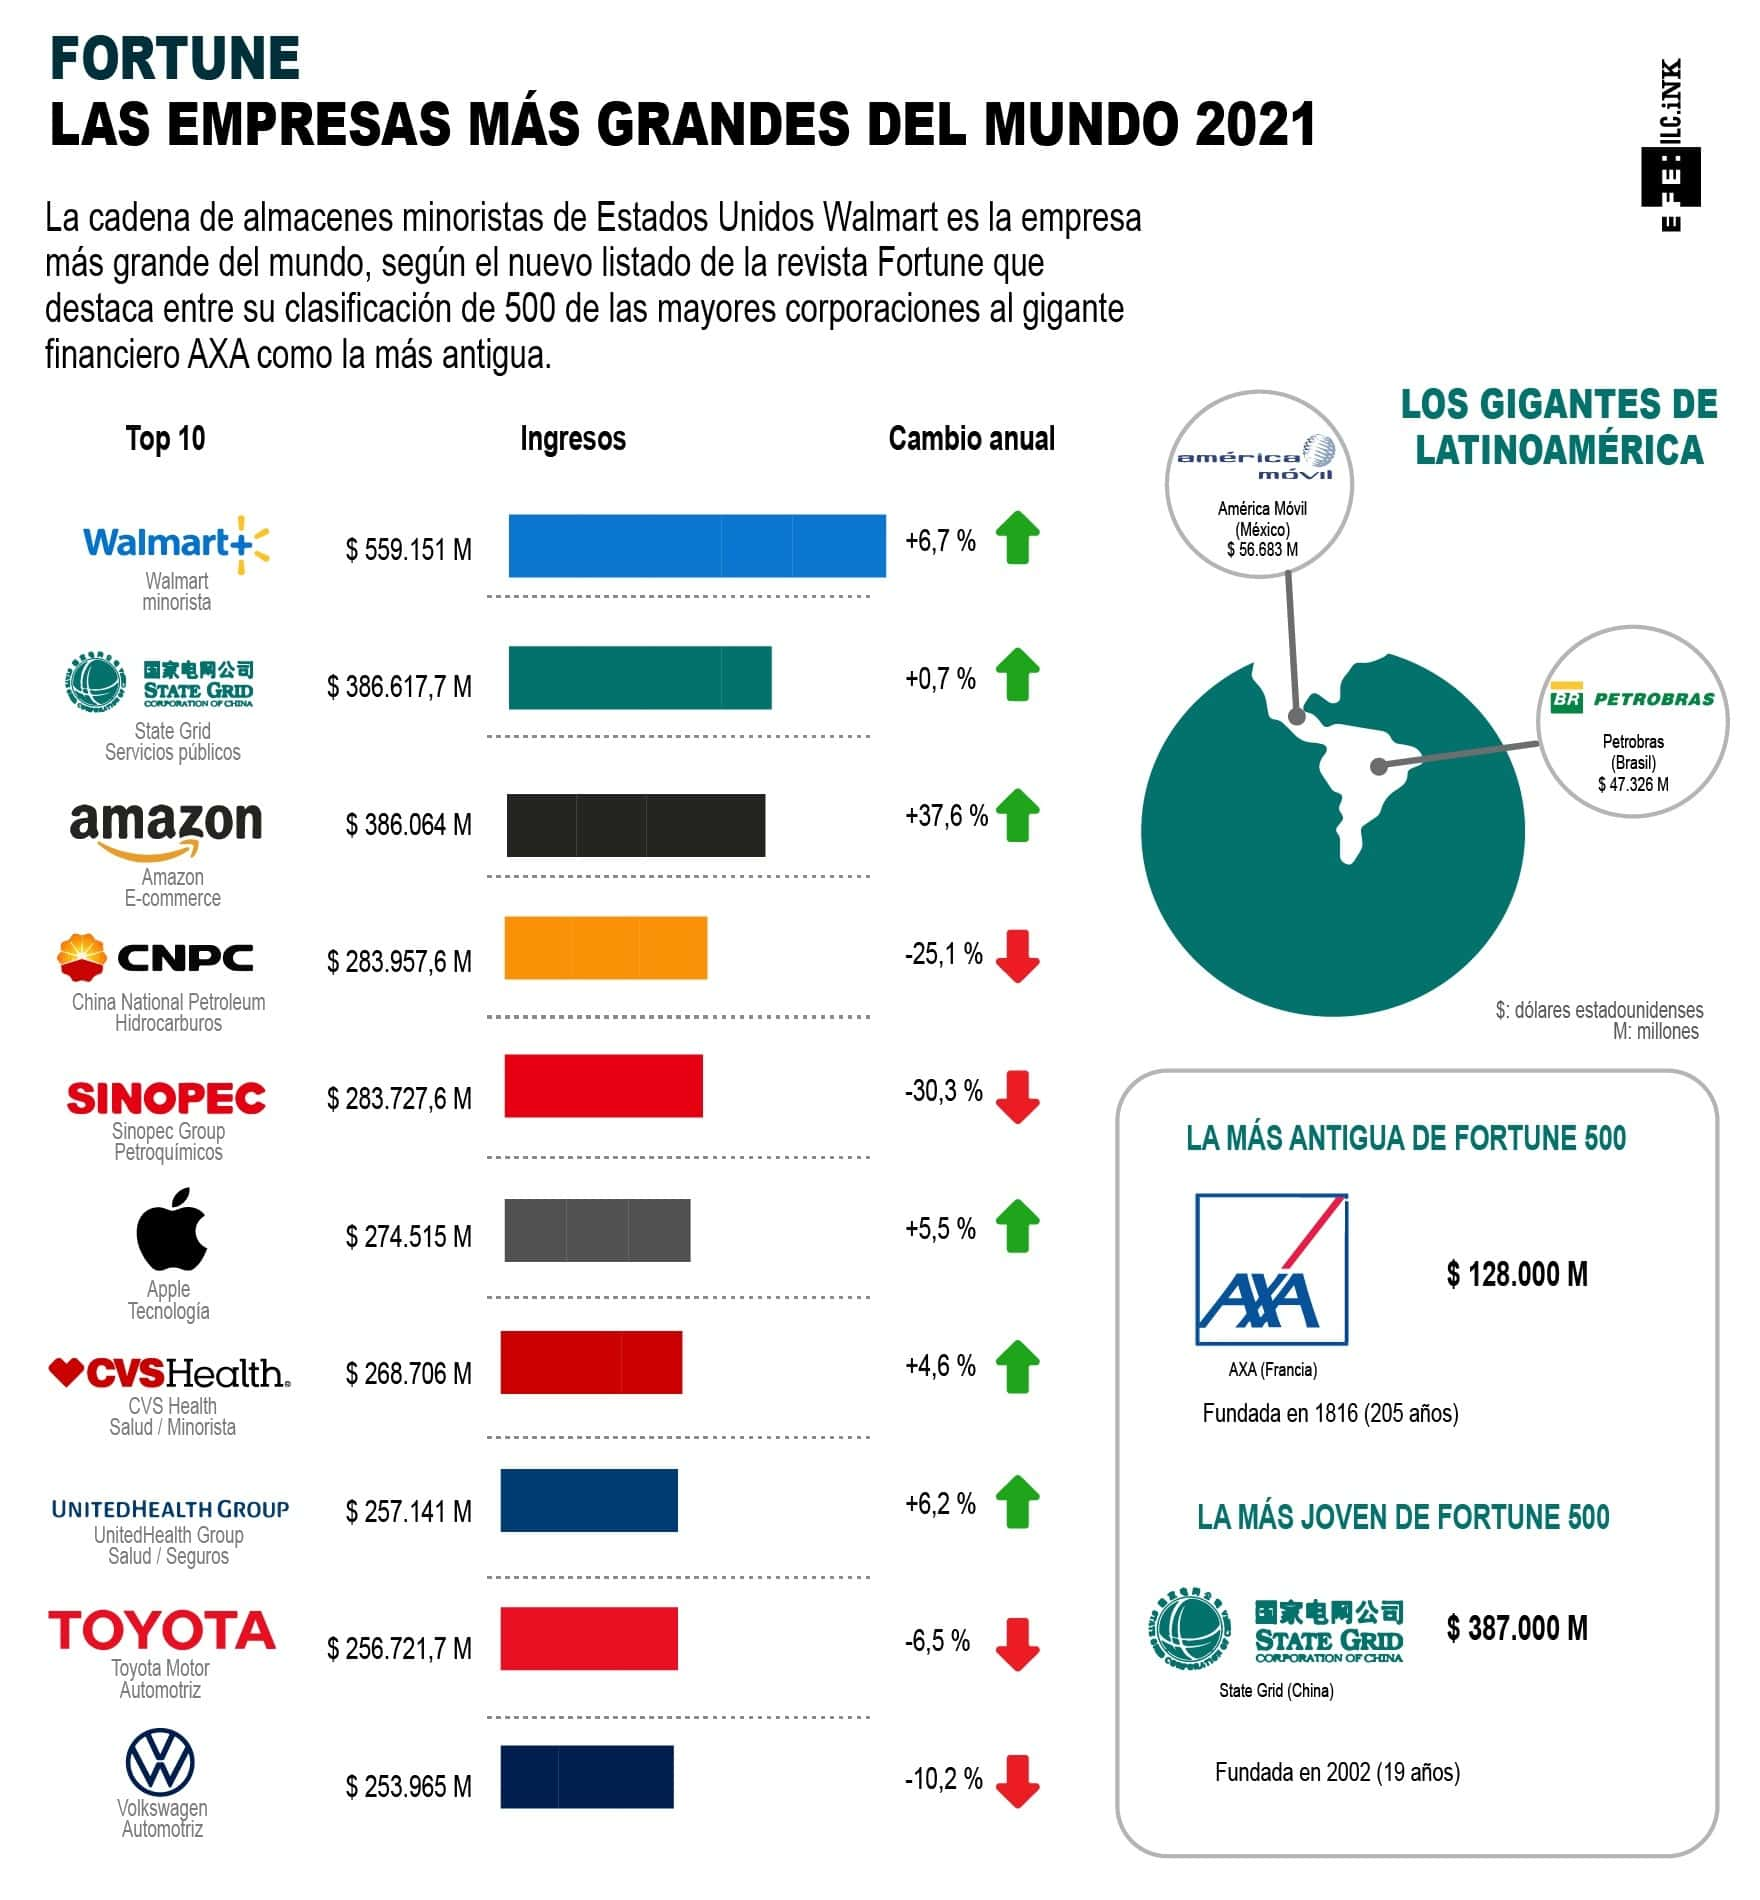 [Infografía] Fortune: las empresas más grandes del mundo 2021 1